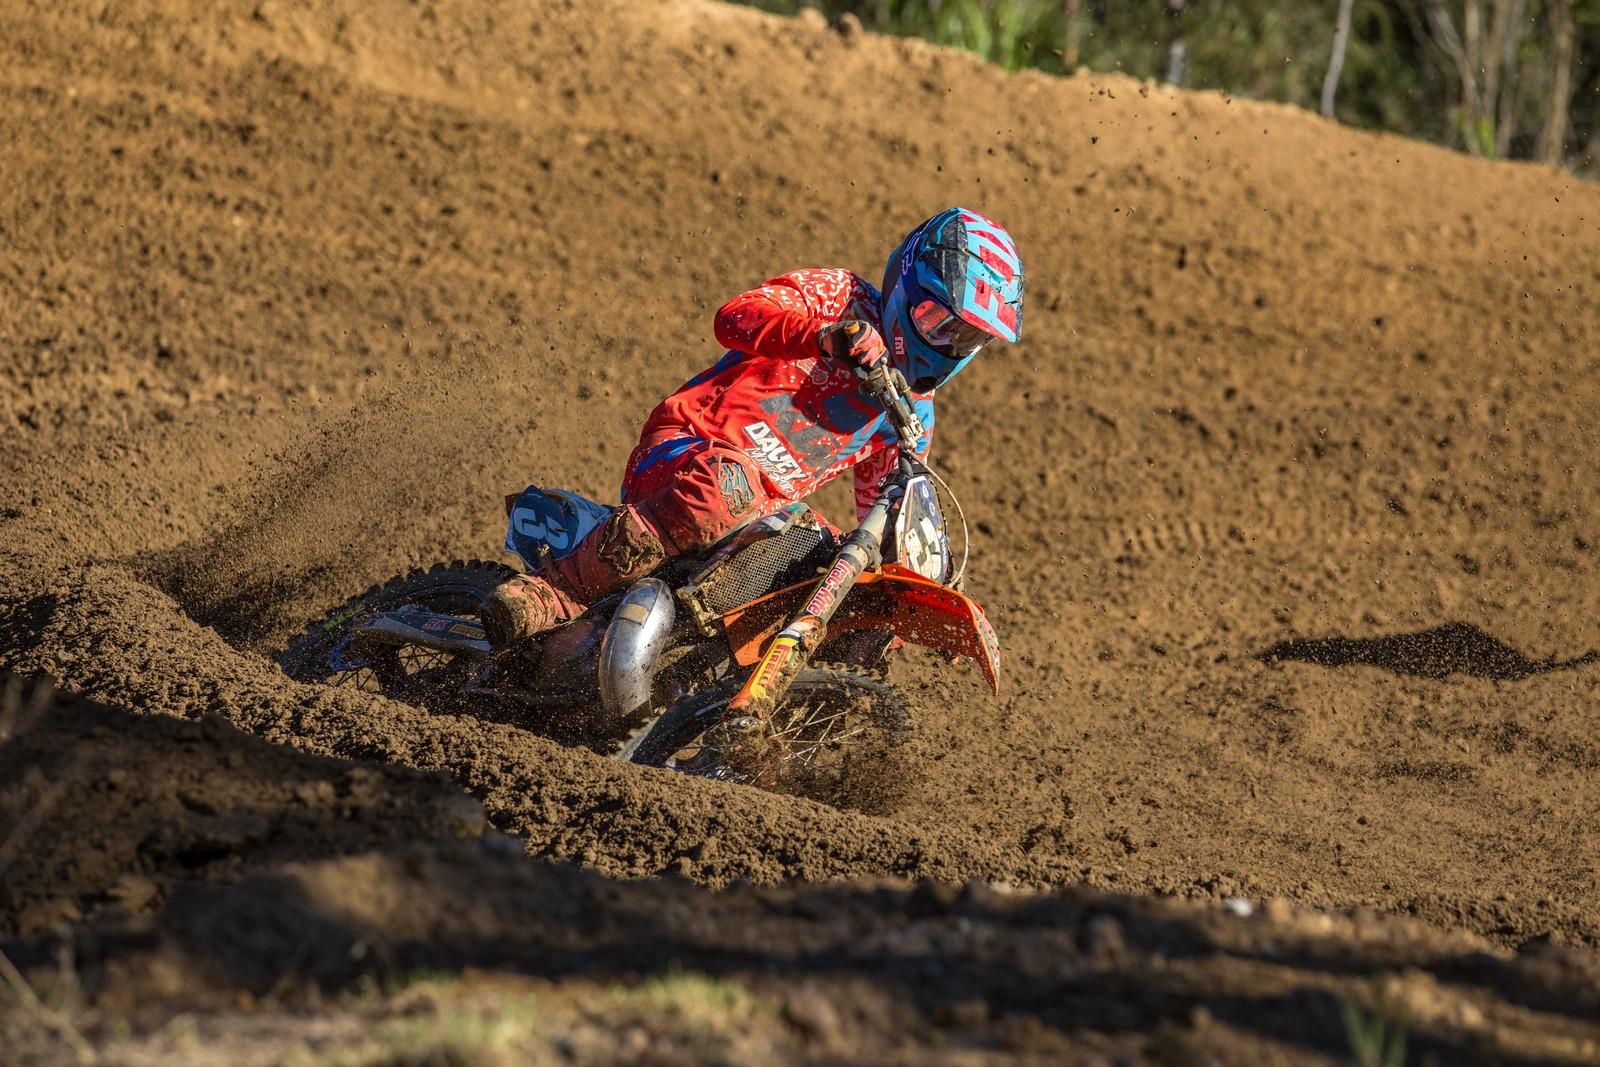 Jayden Rykers - Australian Motul MX Championships: Round 6, Nowra - Motocross Pictures - Vital MX